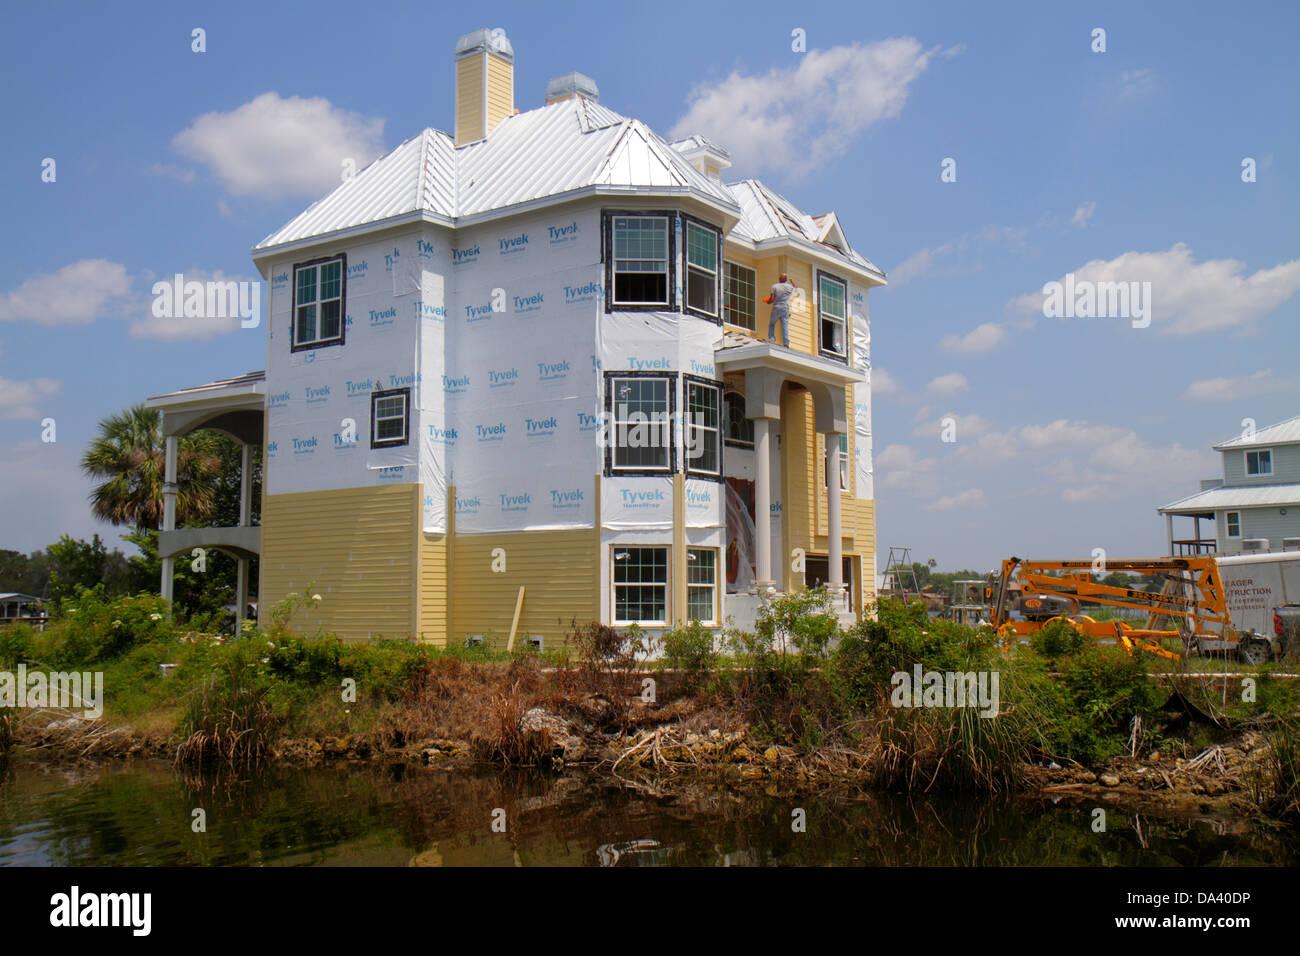 Florida Homosassa Springs Old Homosassa Homosassa River large house under construction renovation siding Tyvek - Stock Image